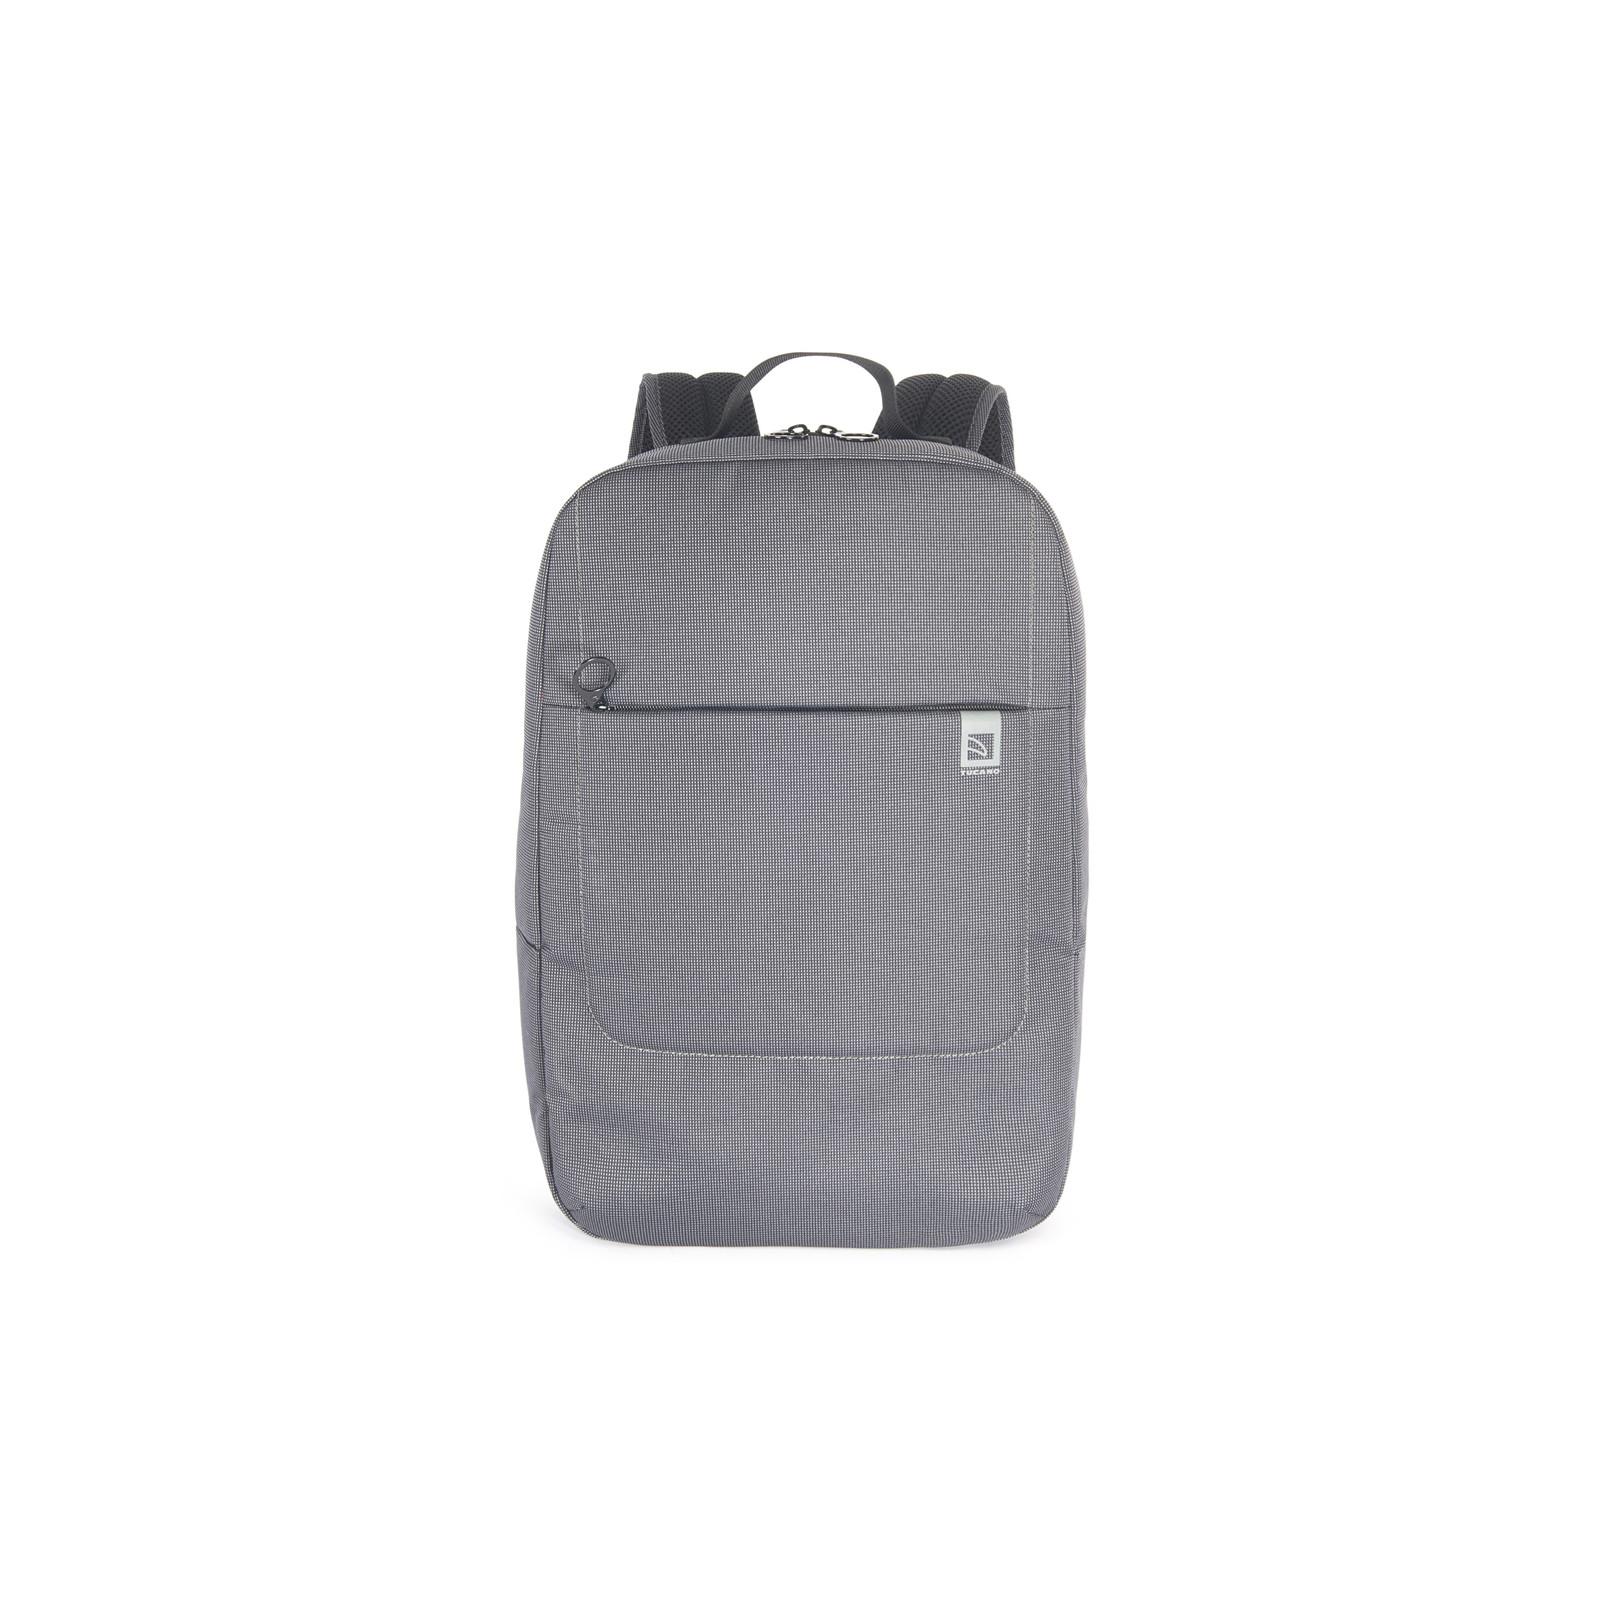 Tucano LOOP Backpack 15.6'' laptop, Black